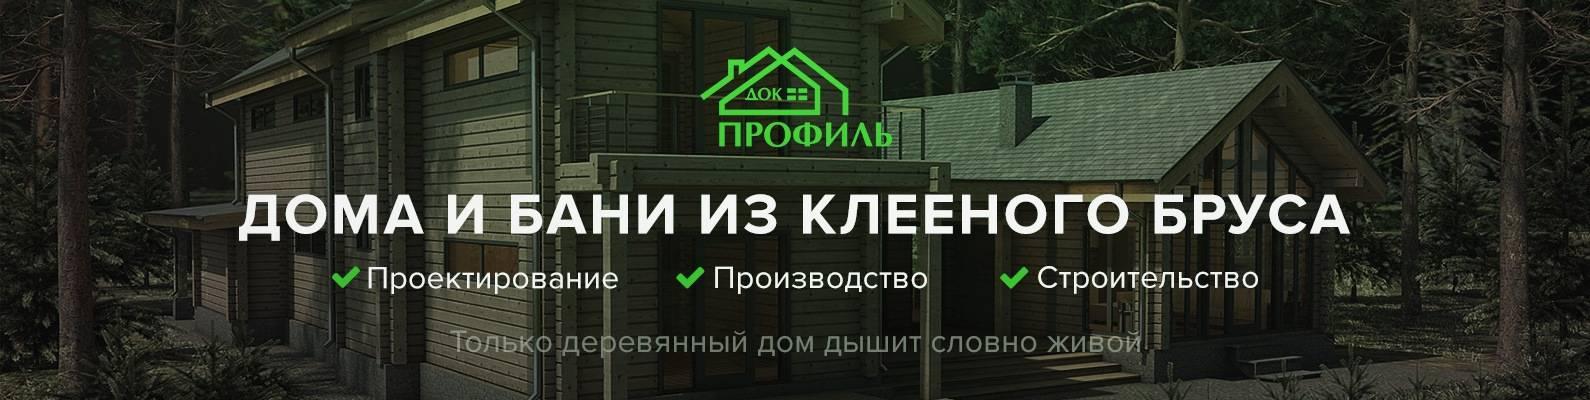 Дом из профилированного бруса отзывы | houzz россия